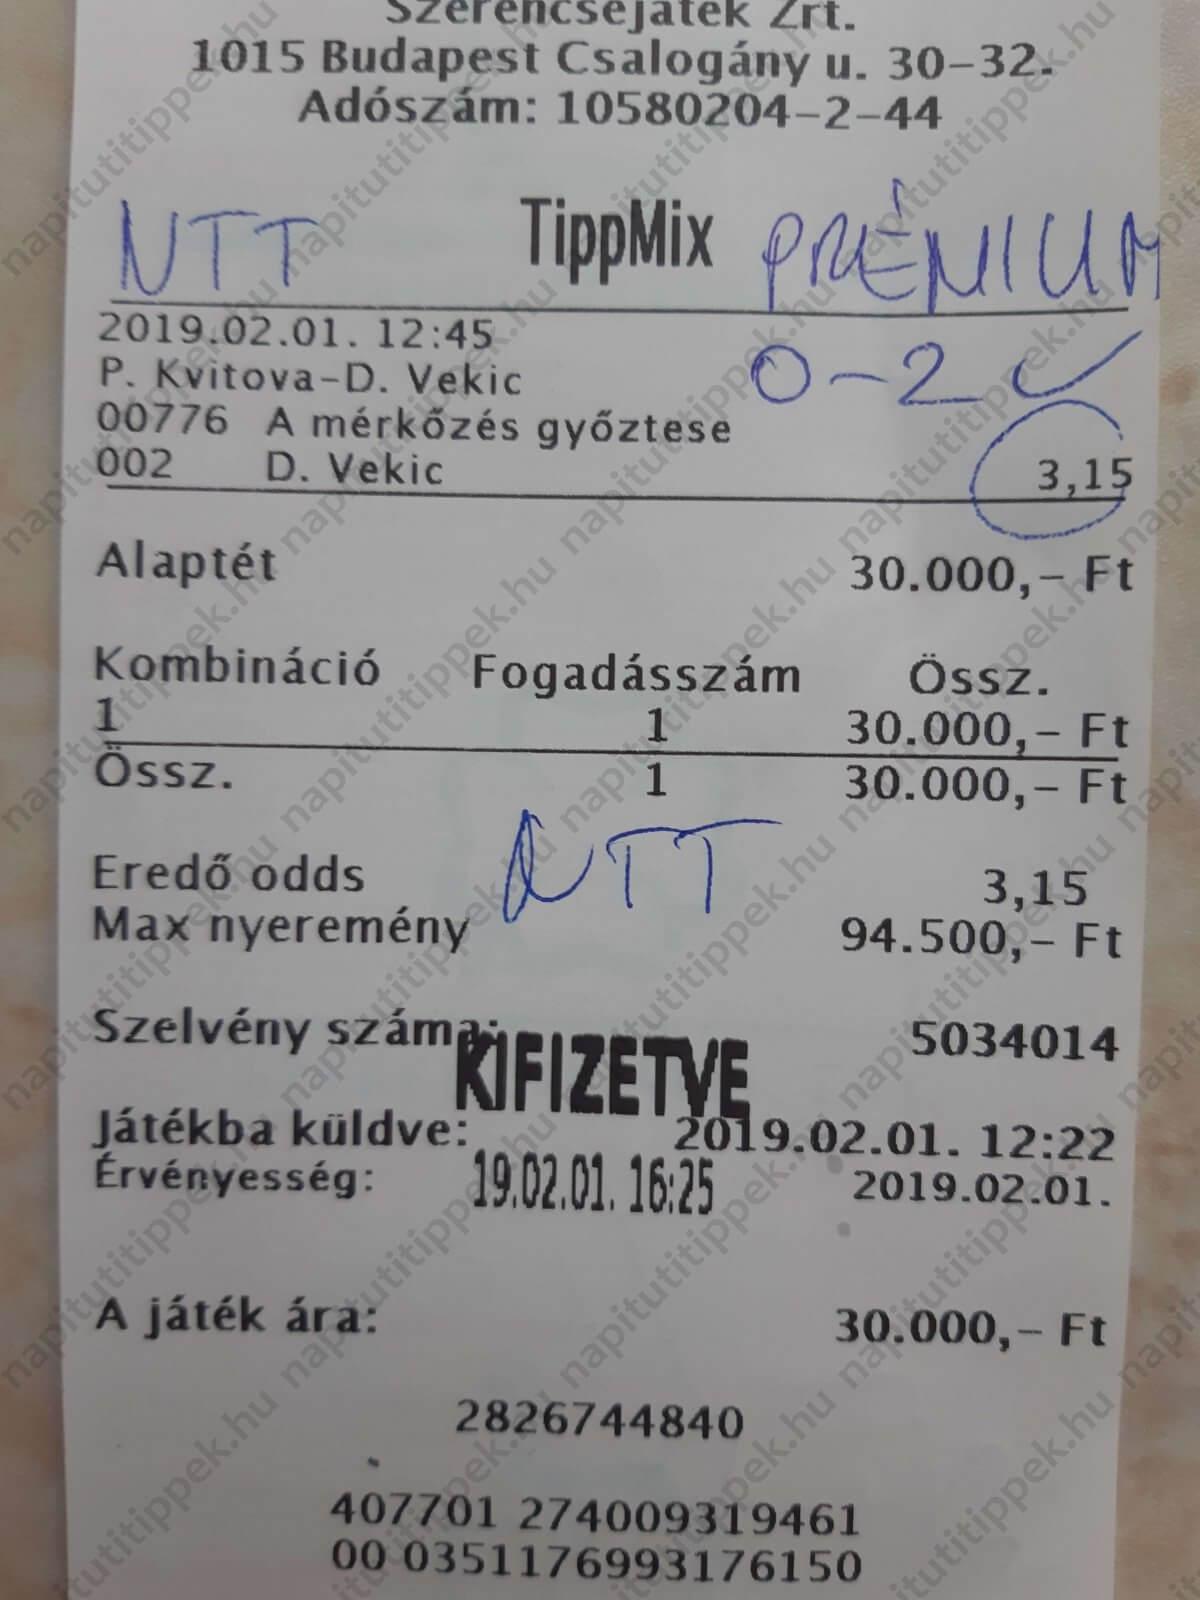 Tőlünk a legjobb Tippmix tippeket kapod: Tippmix tippek, mérkőzés elemzések, statisztikai adatok. Napi ingyenes tippek. Csatlakozz Magyarország legsikeresebb sportfogadó csapatához!